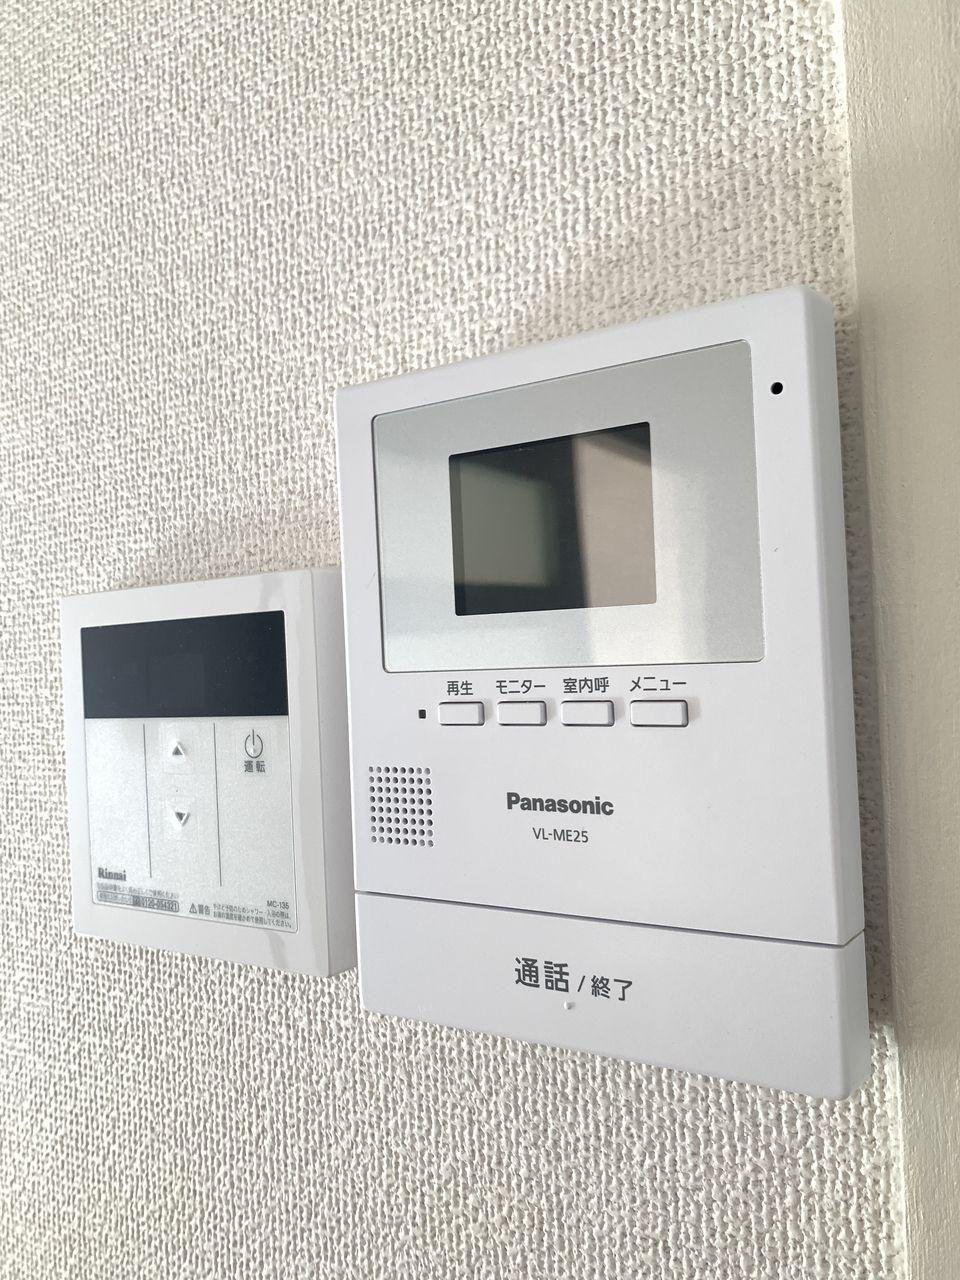 レナジア恵我之荘TVインターフォン